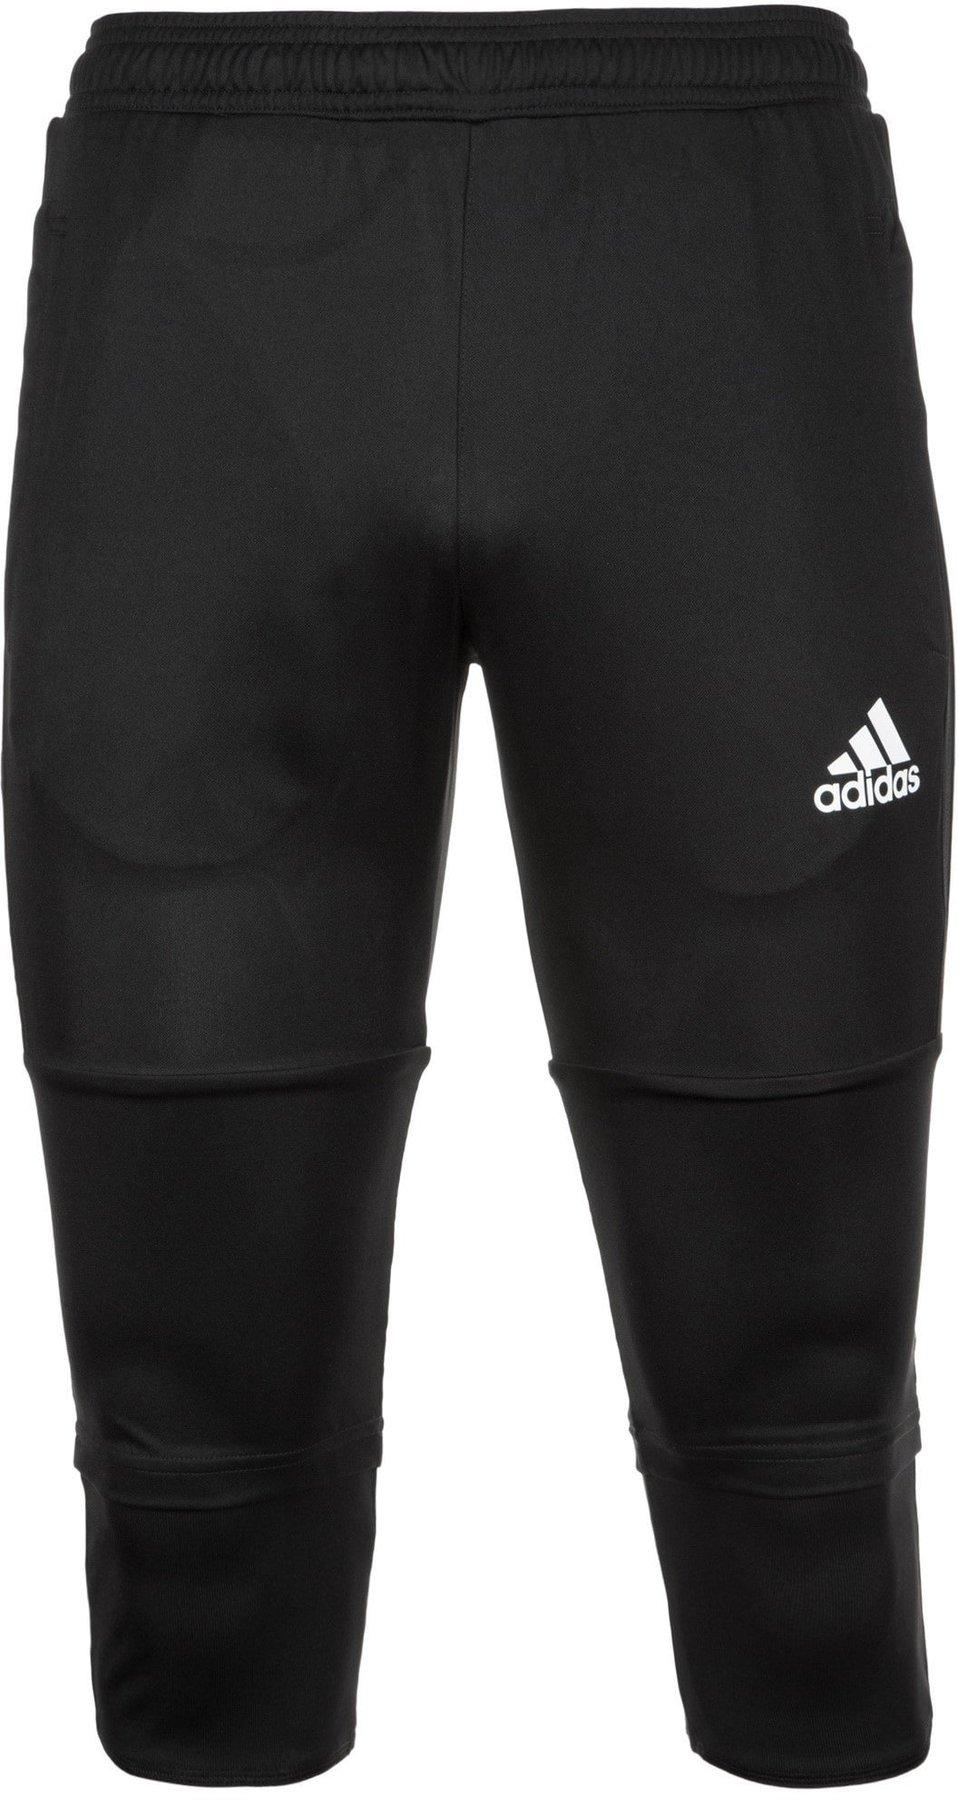 ca51027bbd4506 Adidas-Hose Herren kaufen